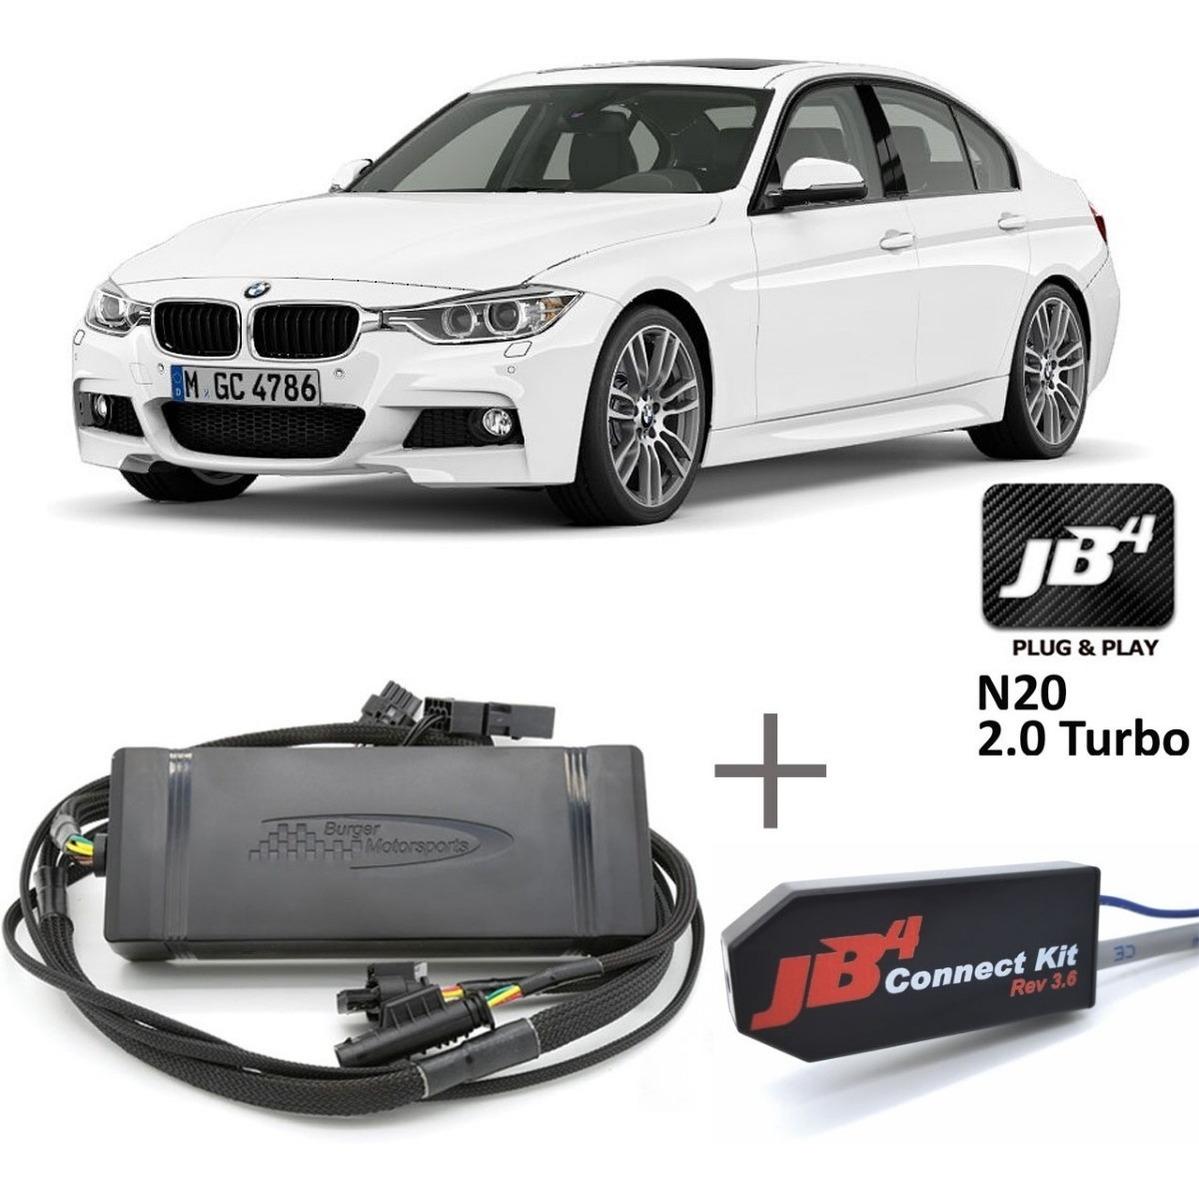 Jb4 Burger Motorsports Bmw N20 + Jb4 Bluetooth Kit Rev  3 6 - R